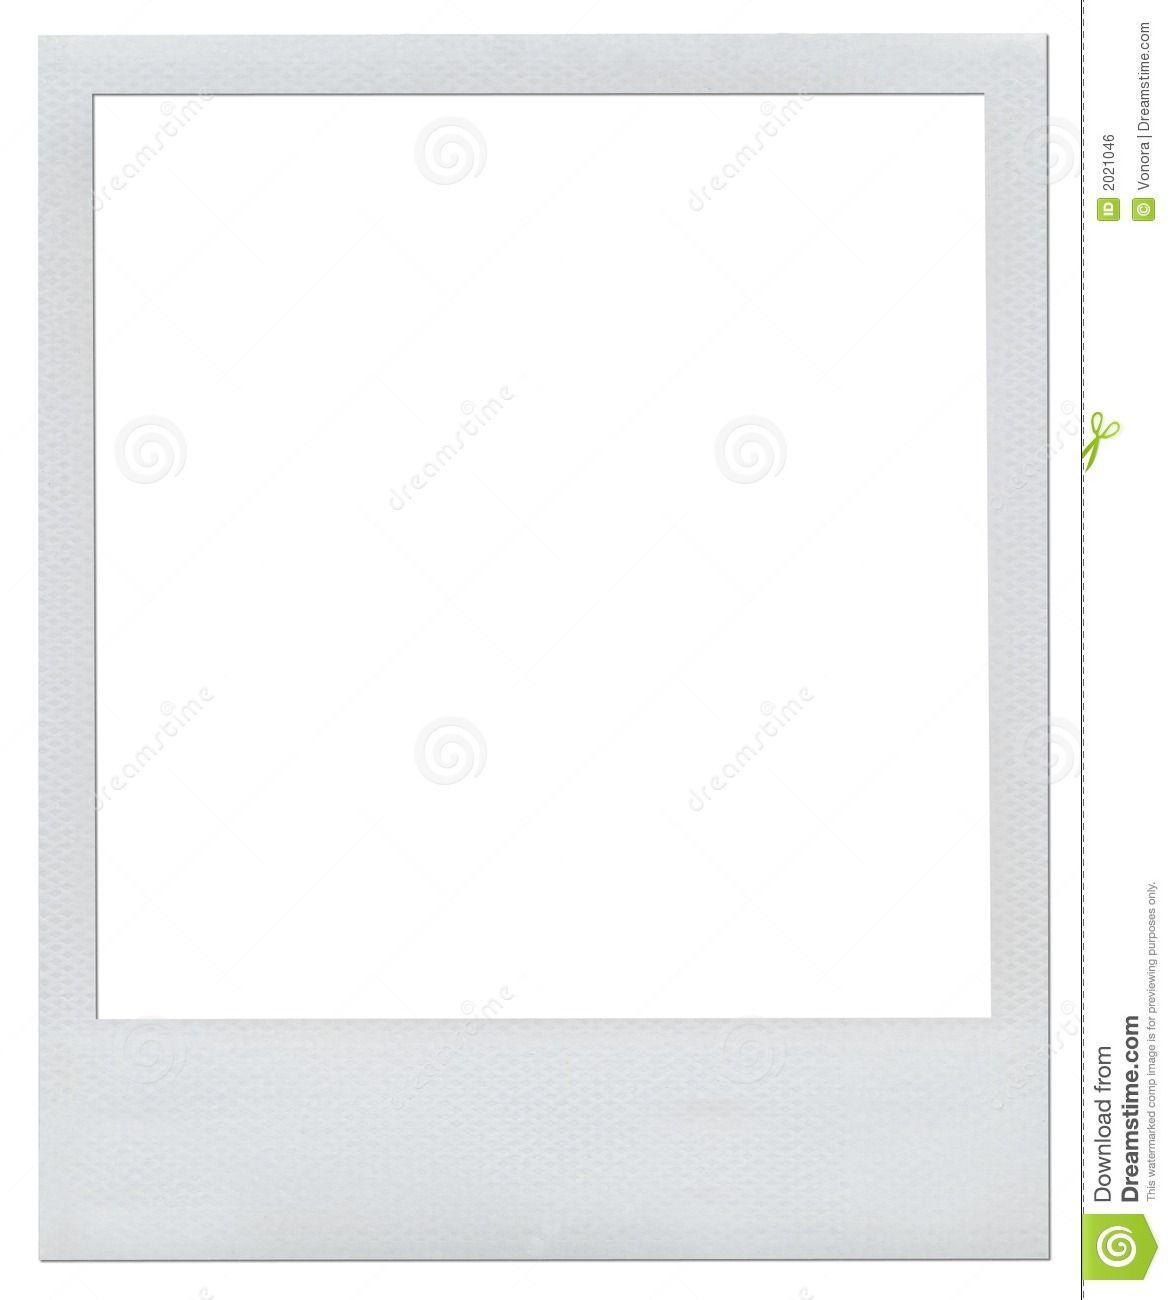 polaroid frame - Cerca con Google | Per agenda | Pinterest